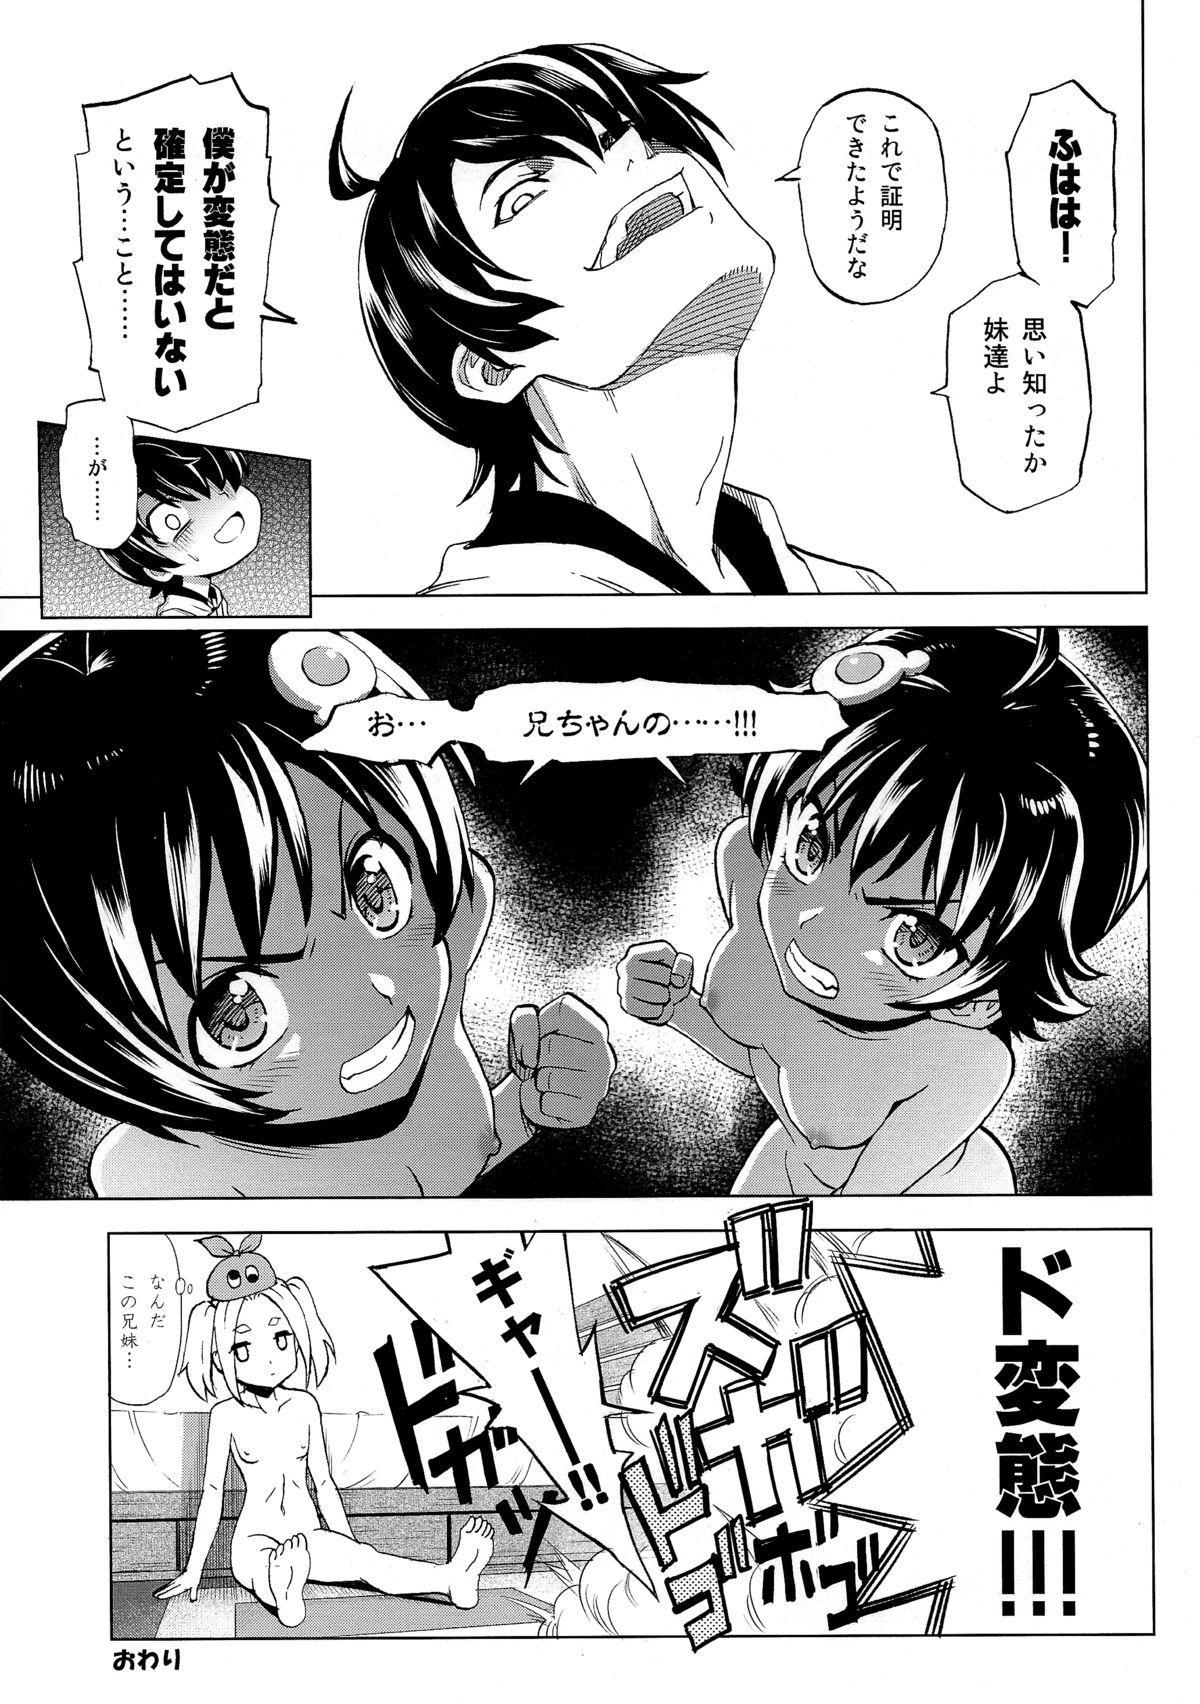 Hentai Judgment 24